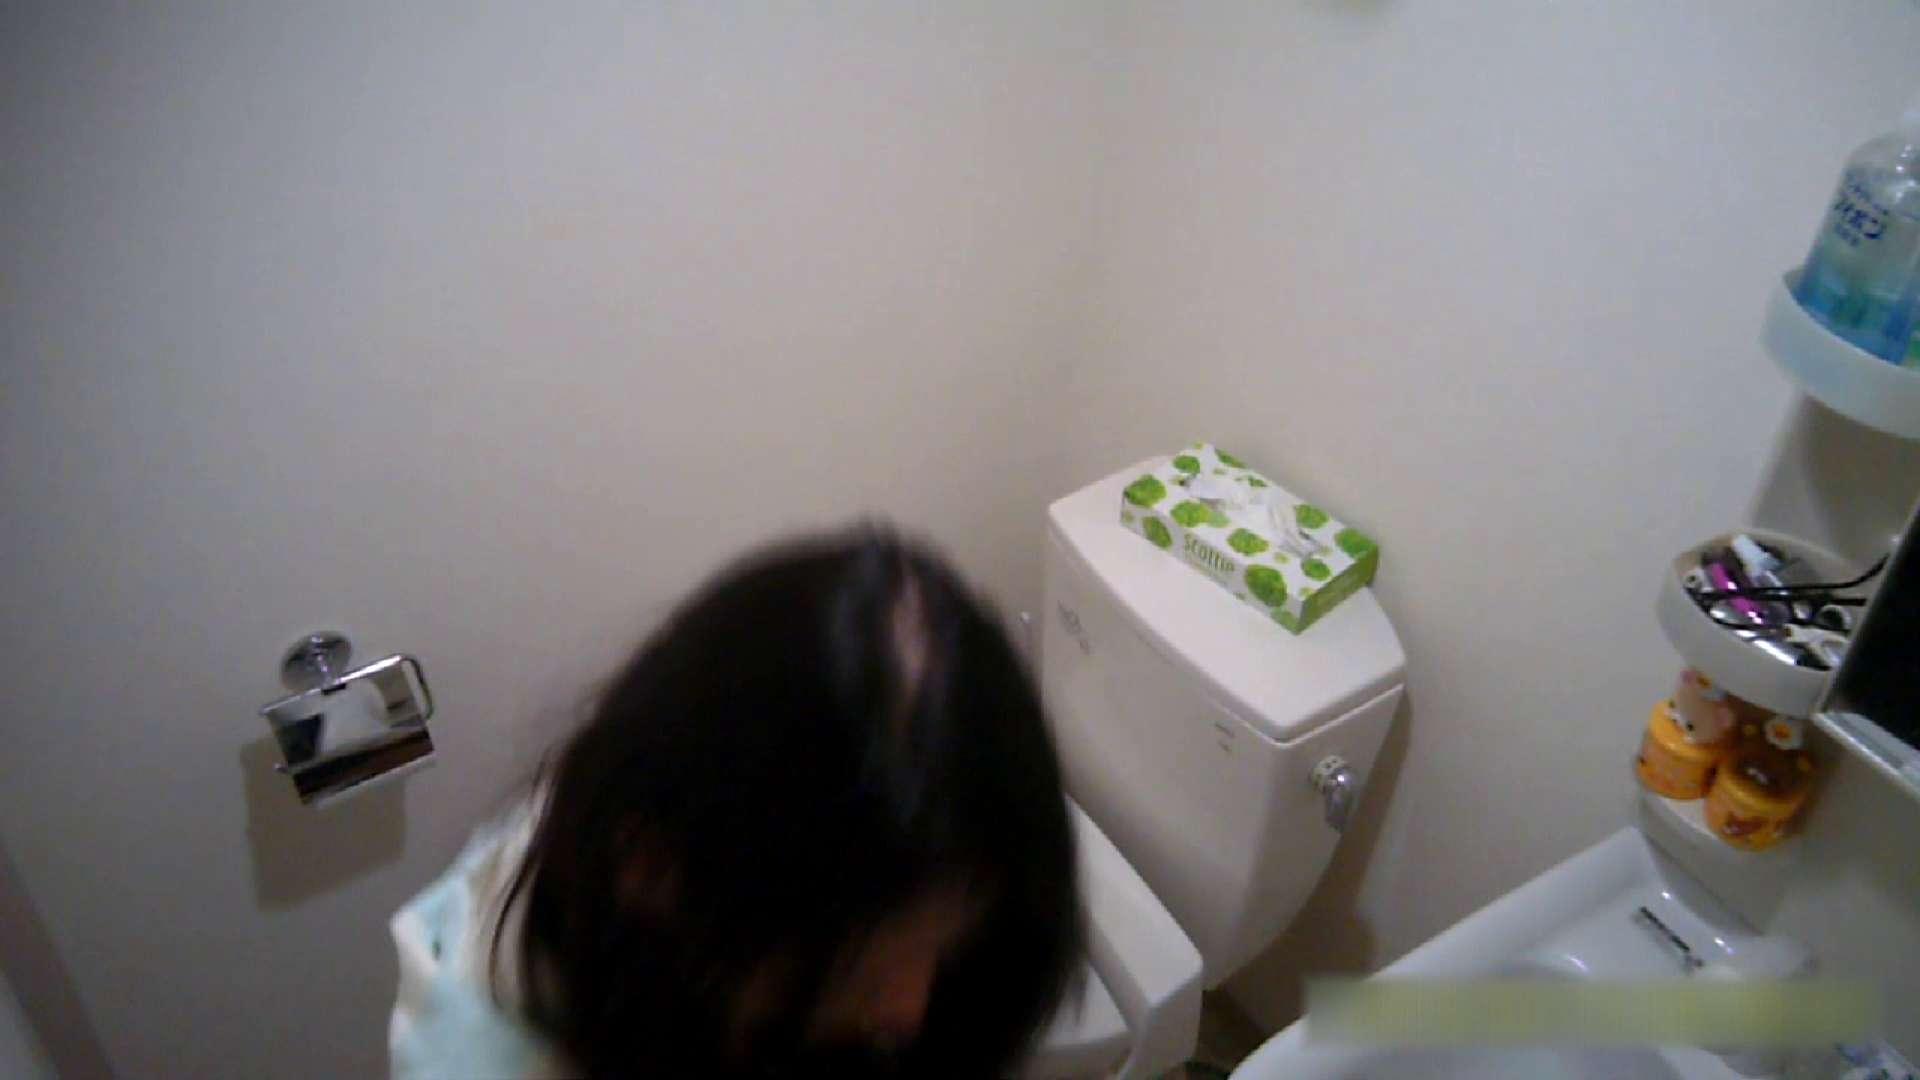 無修正おまんこ動画 清楚な顔してかなり敏感なE子25歳(仮名)Vol.04 トイレ編 怪盗ジョーカー